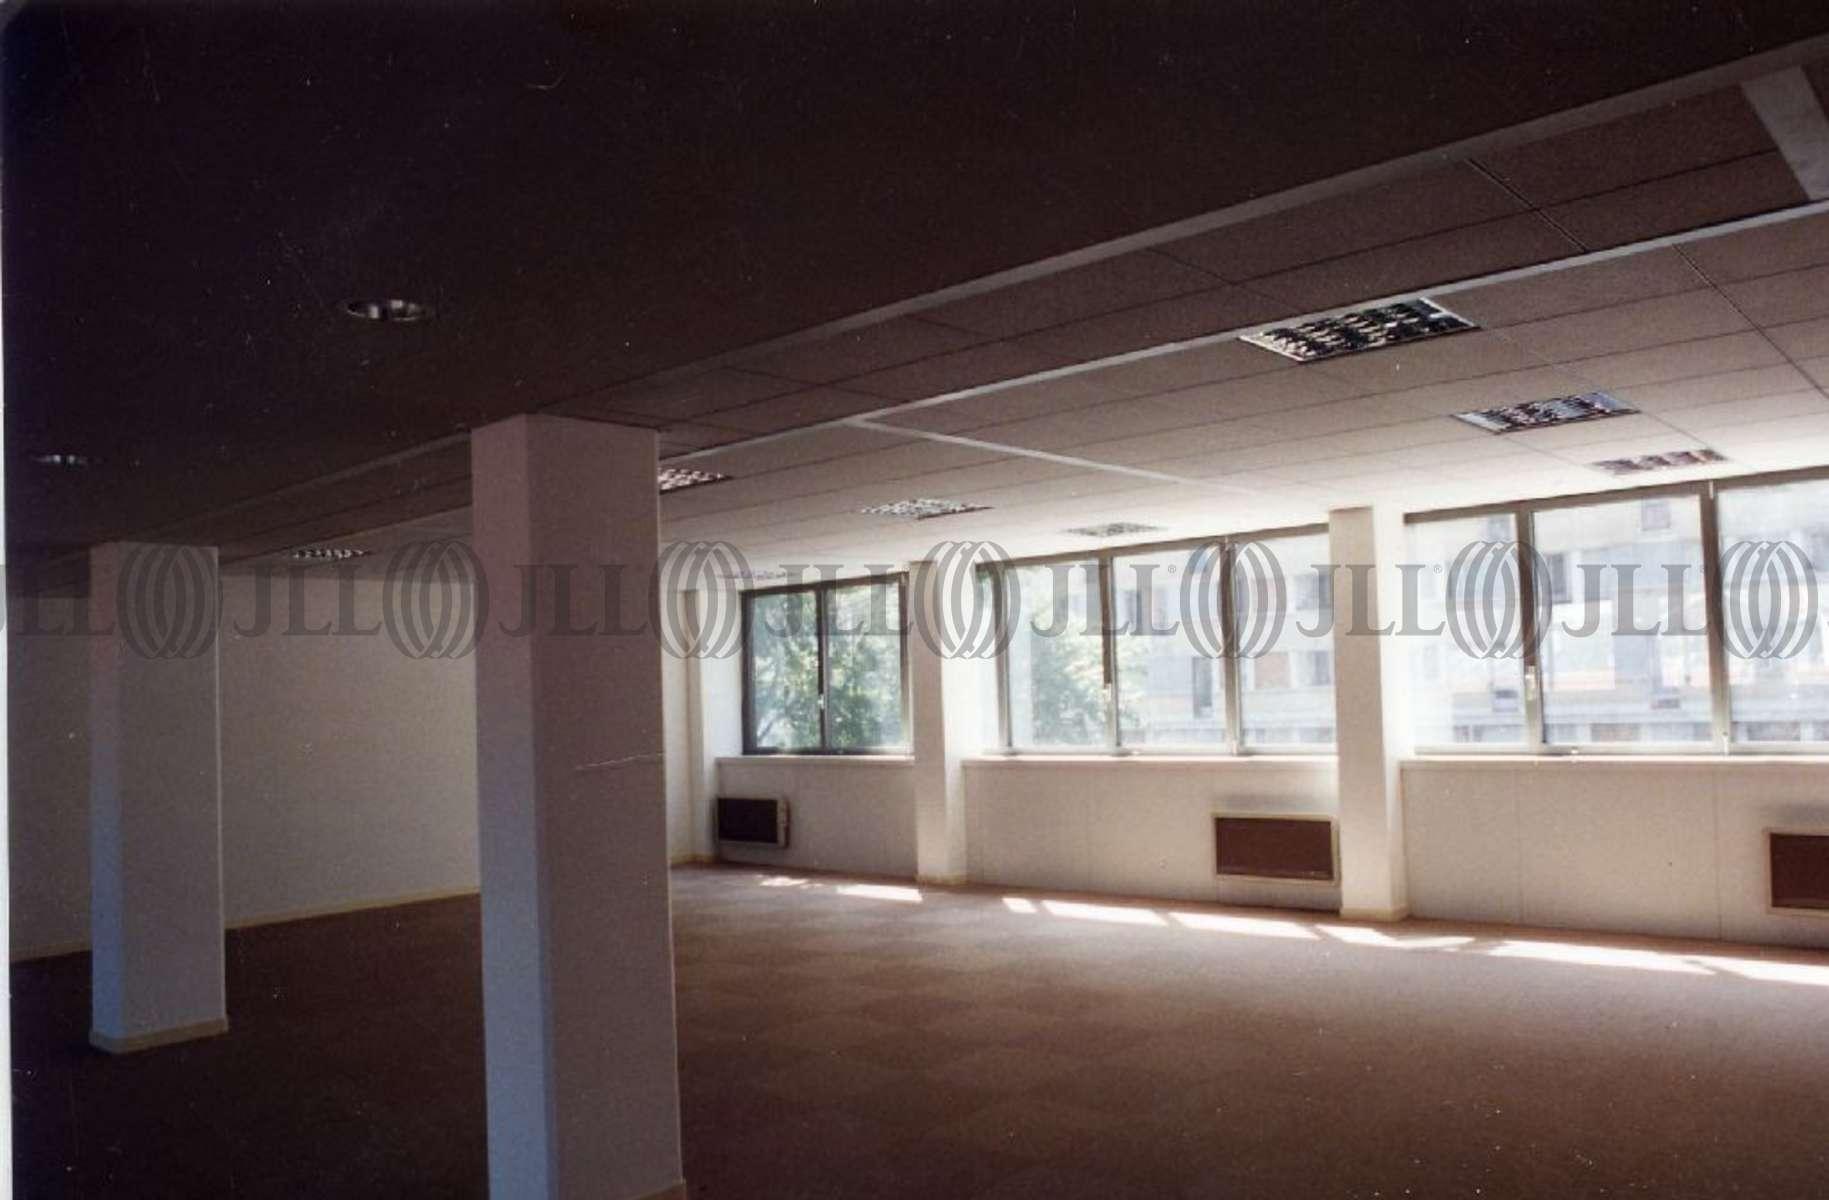 Bureaux louer LE SILLY PYRAMIDE 92100 BOULOGNE BILLANCOURT 12644